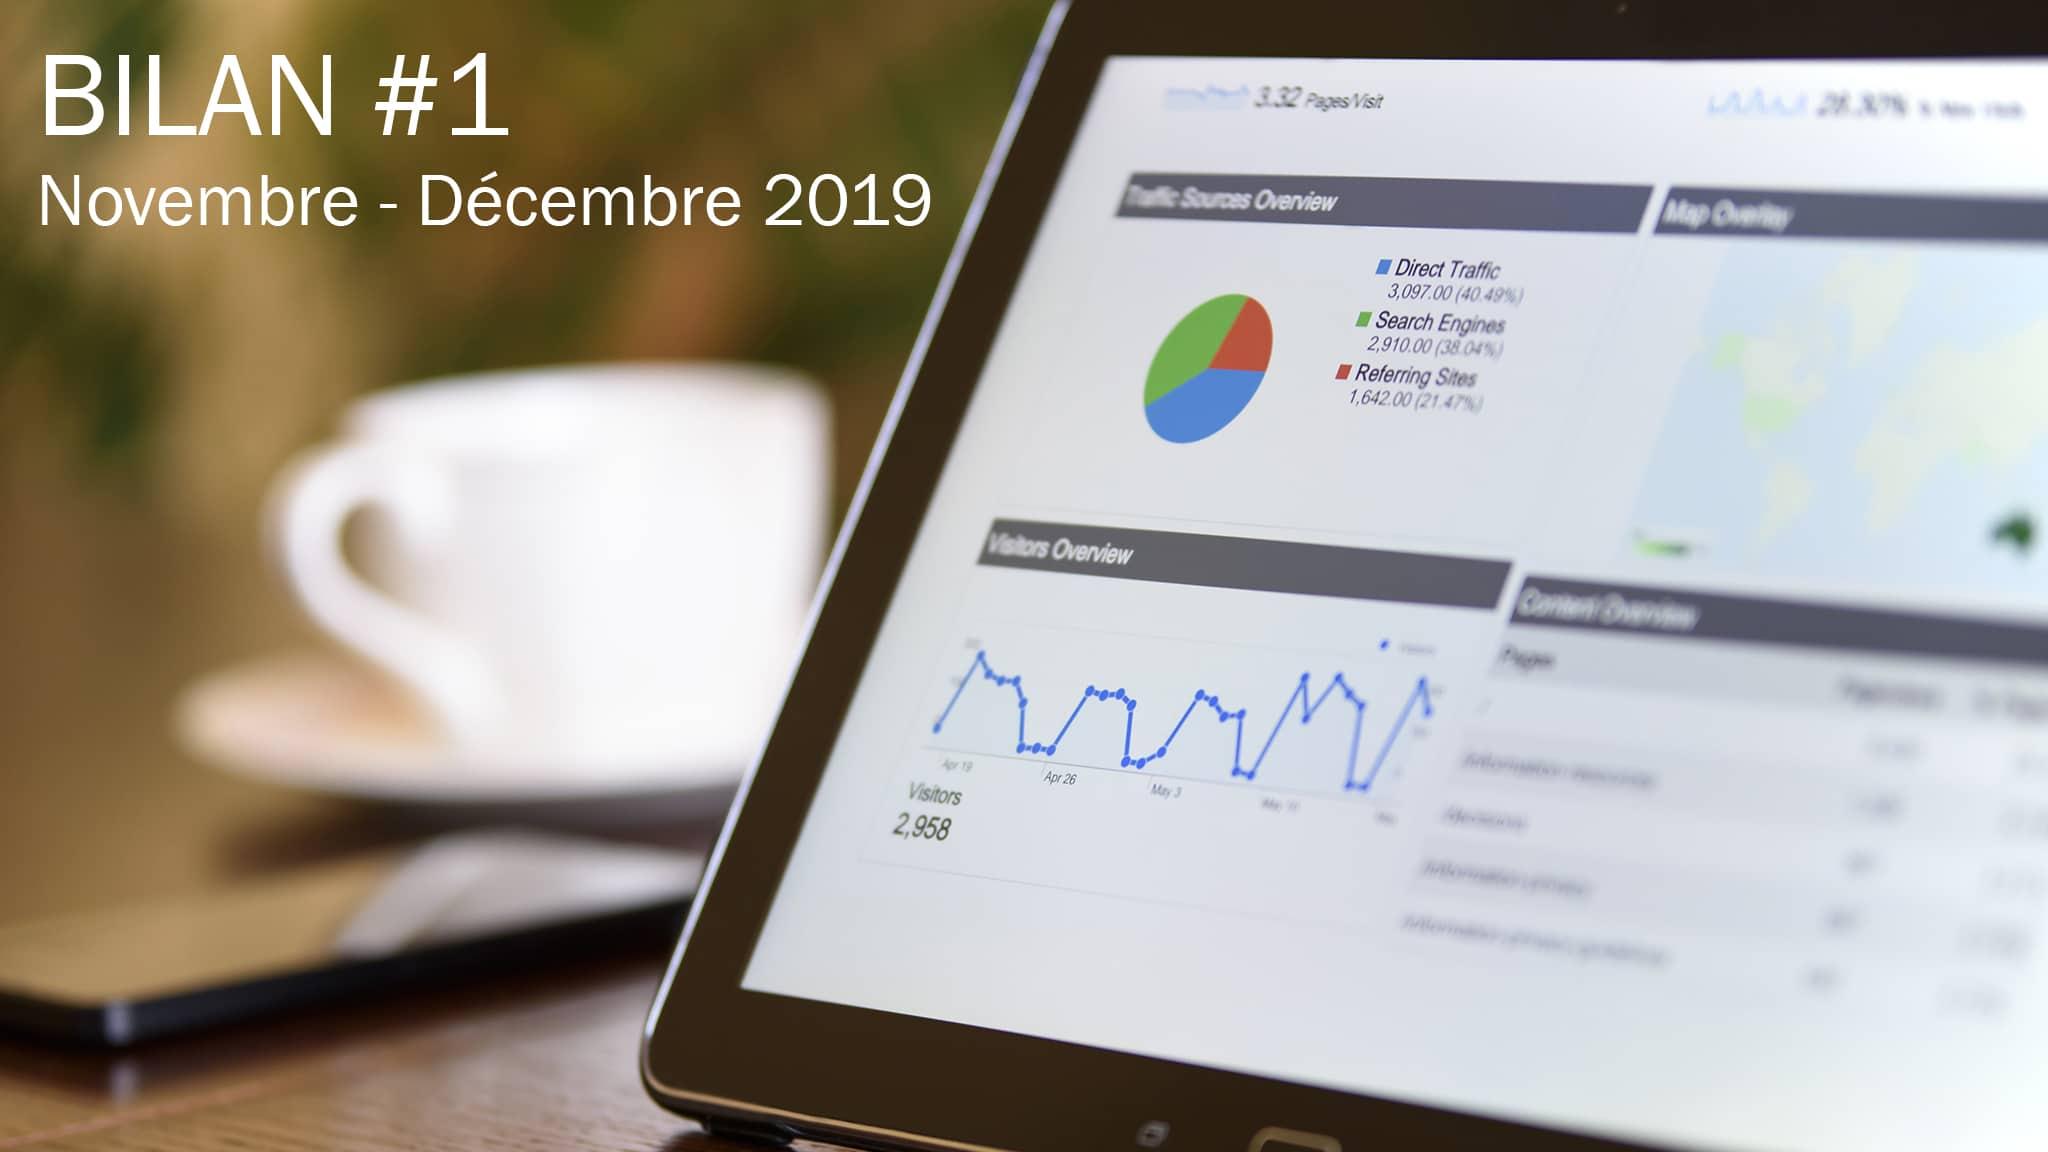 Bilan d'Affiliation #1 – Novembre et Décembre 2019